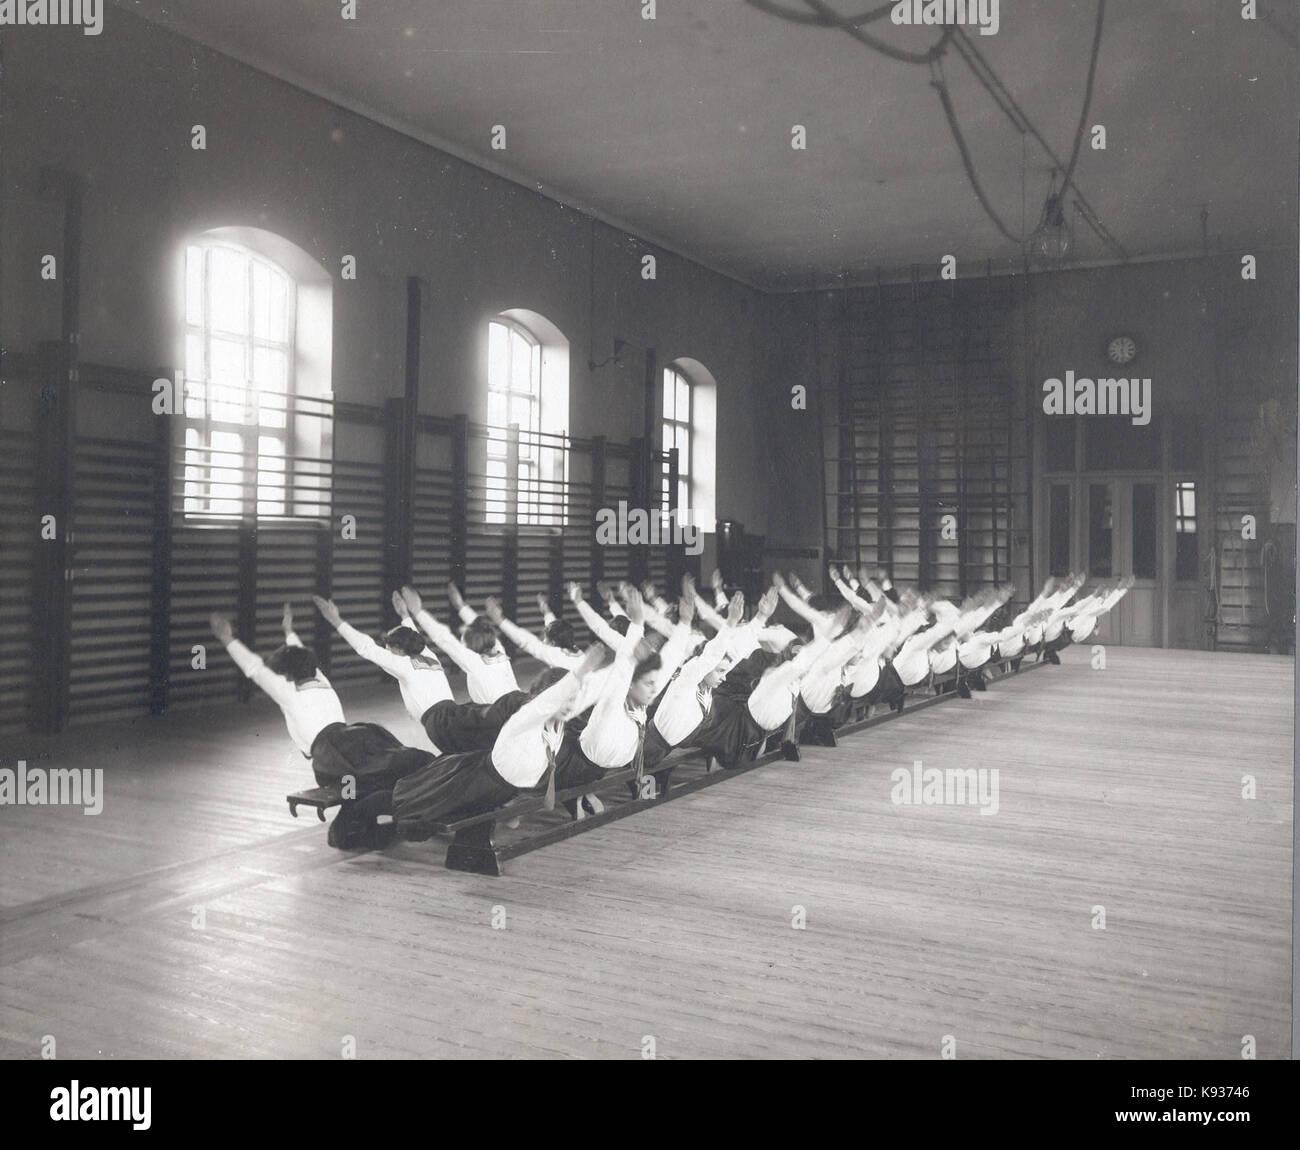 Linggymnastik